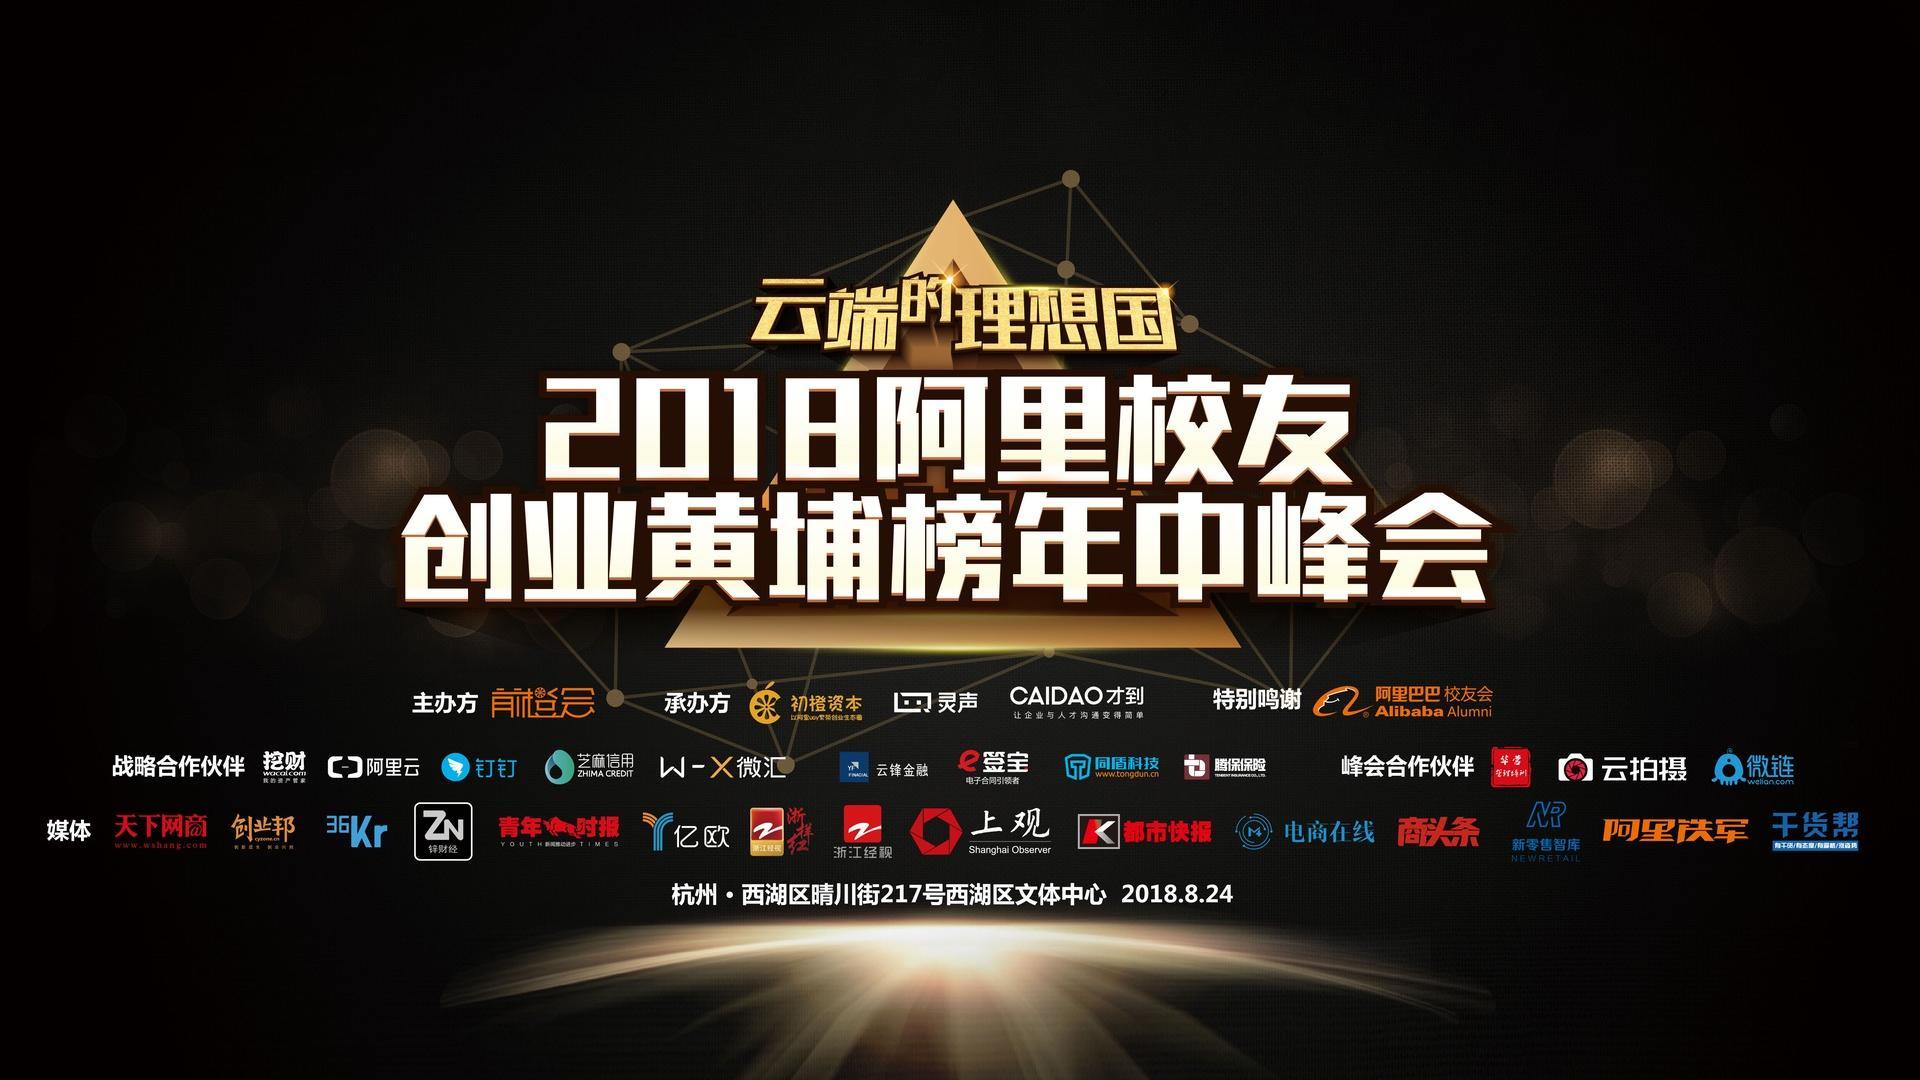 2018阿里校友创业黄埔榜年中峰会